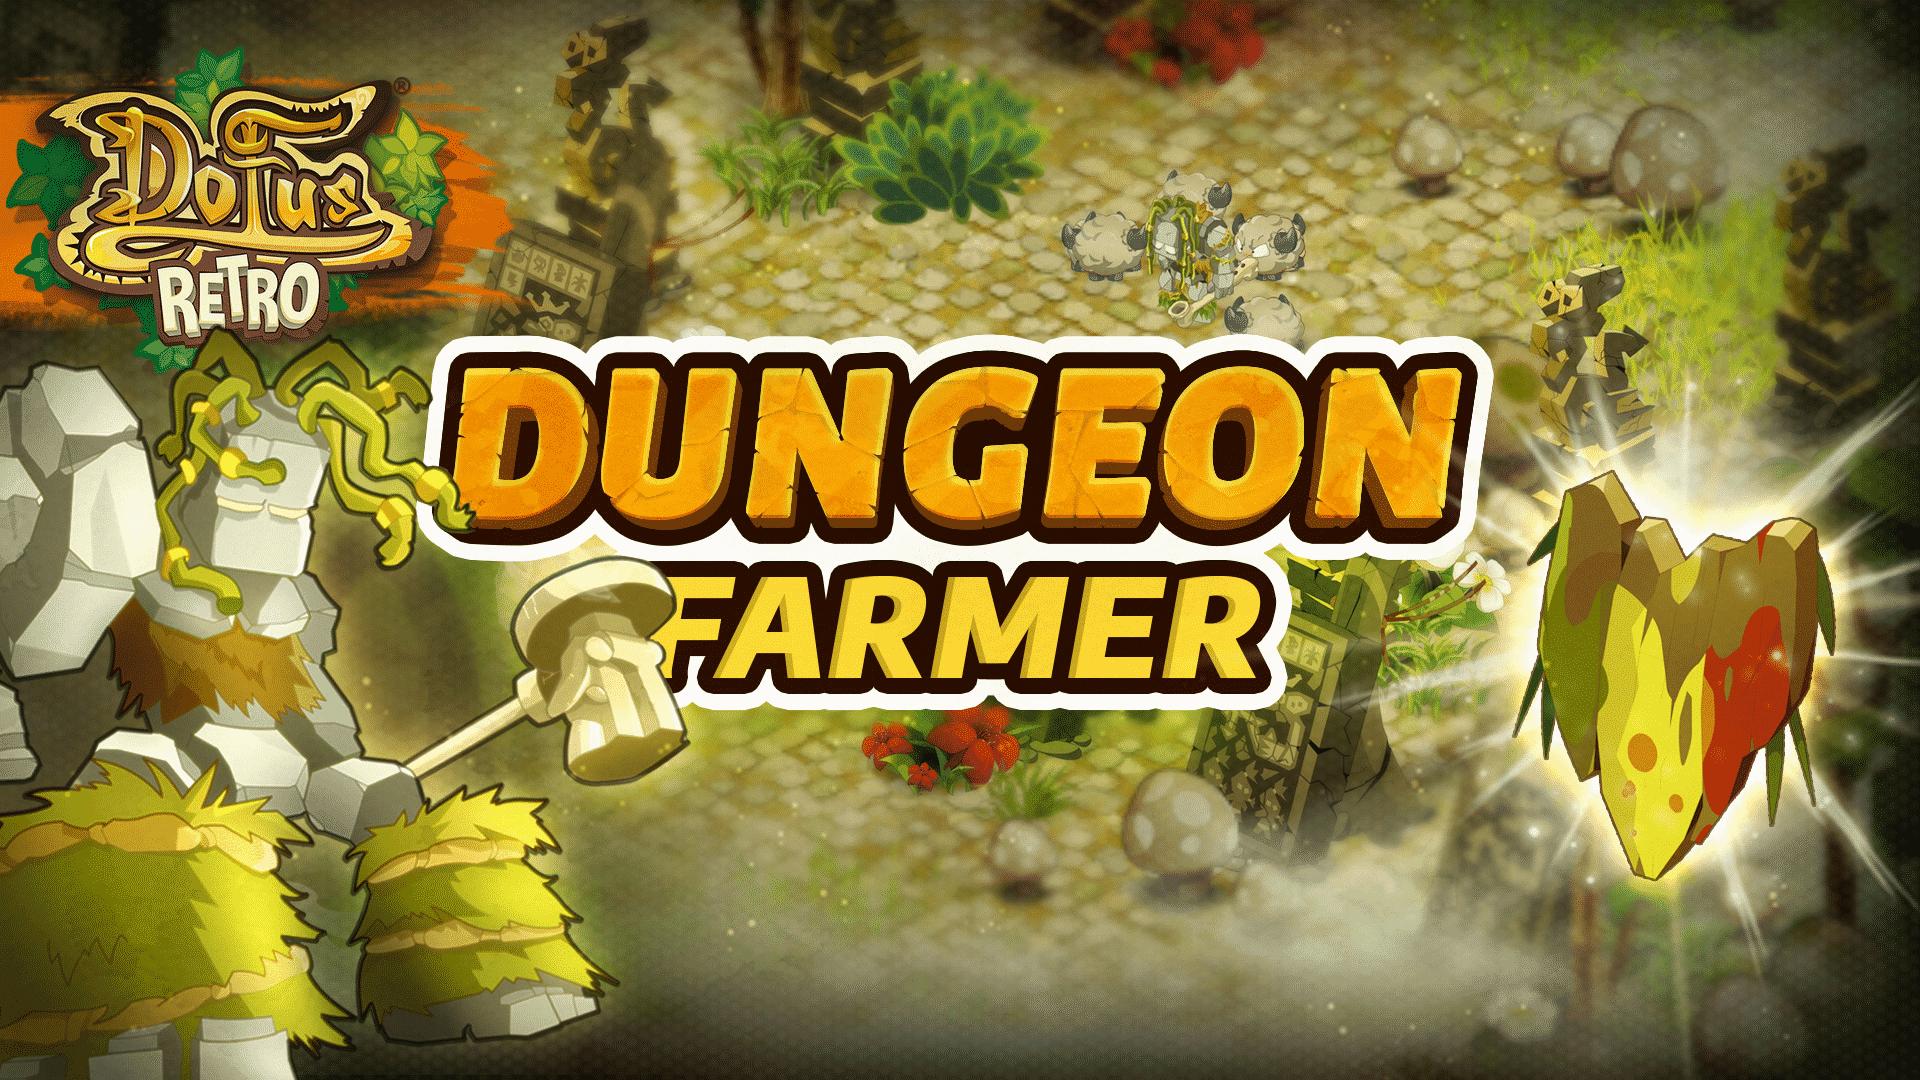 Dofus Rétro - Dungeon Rusher-Farmer Koulosse